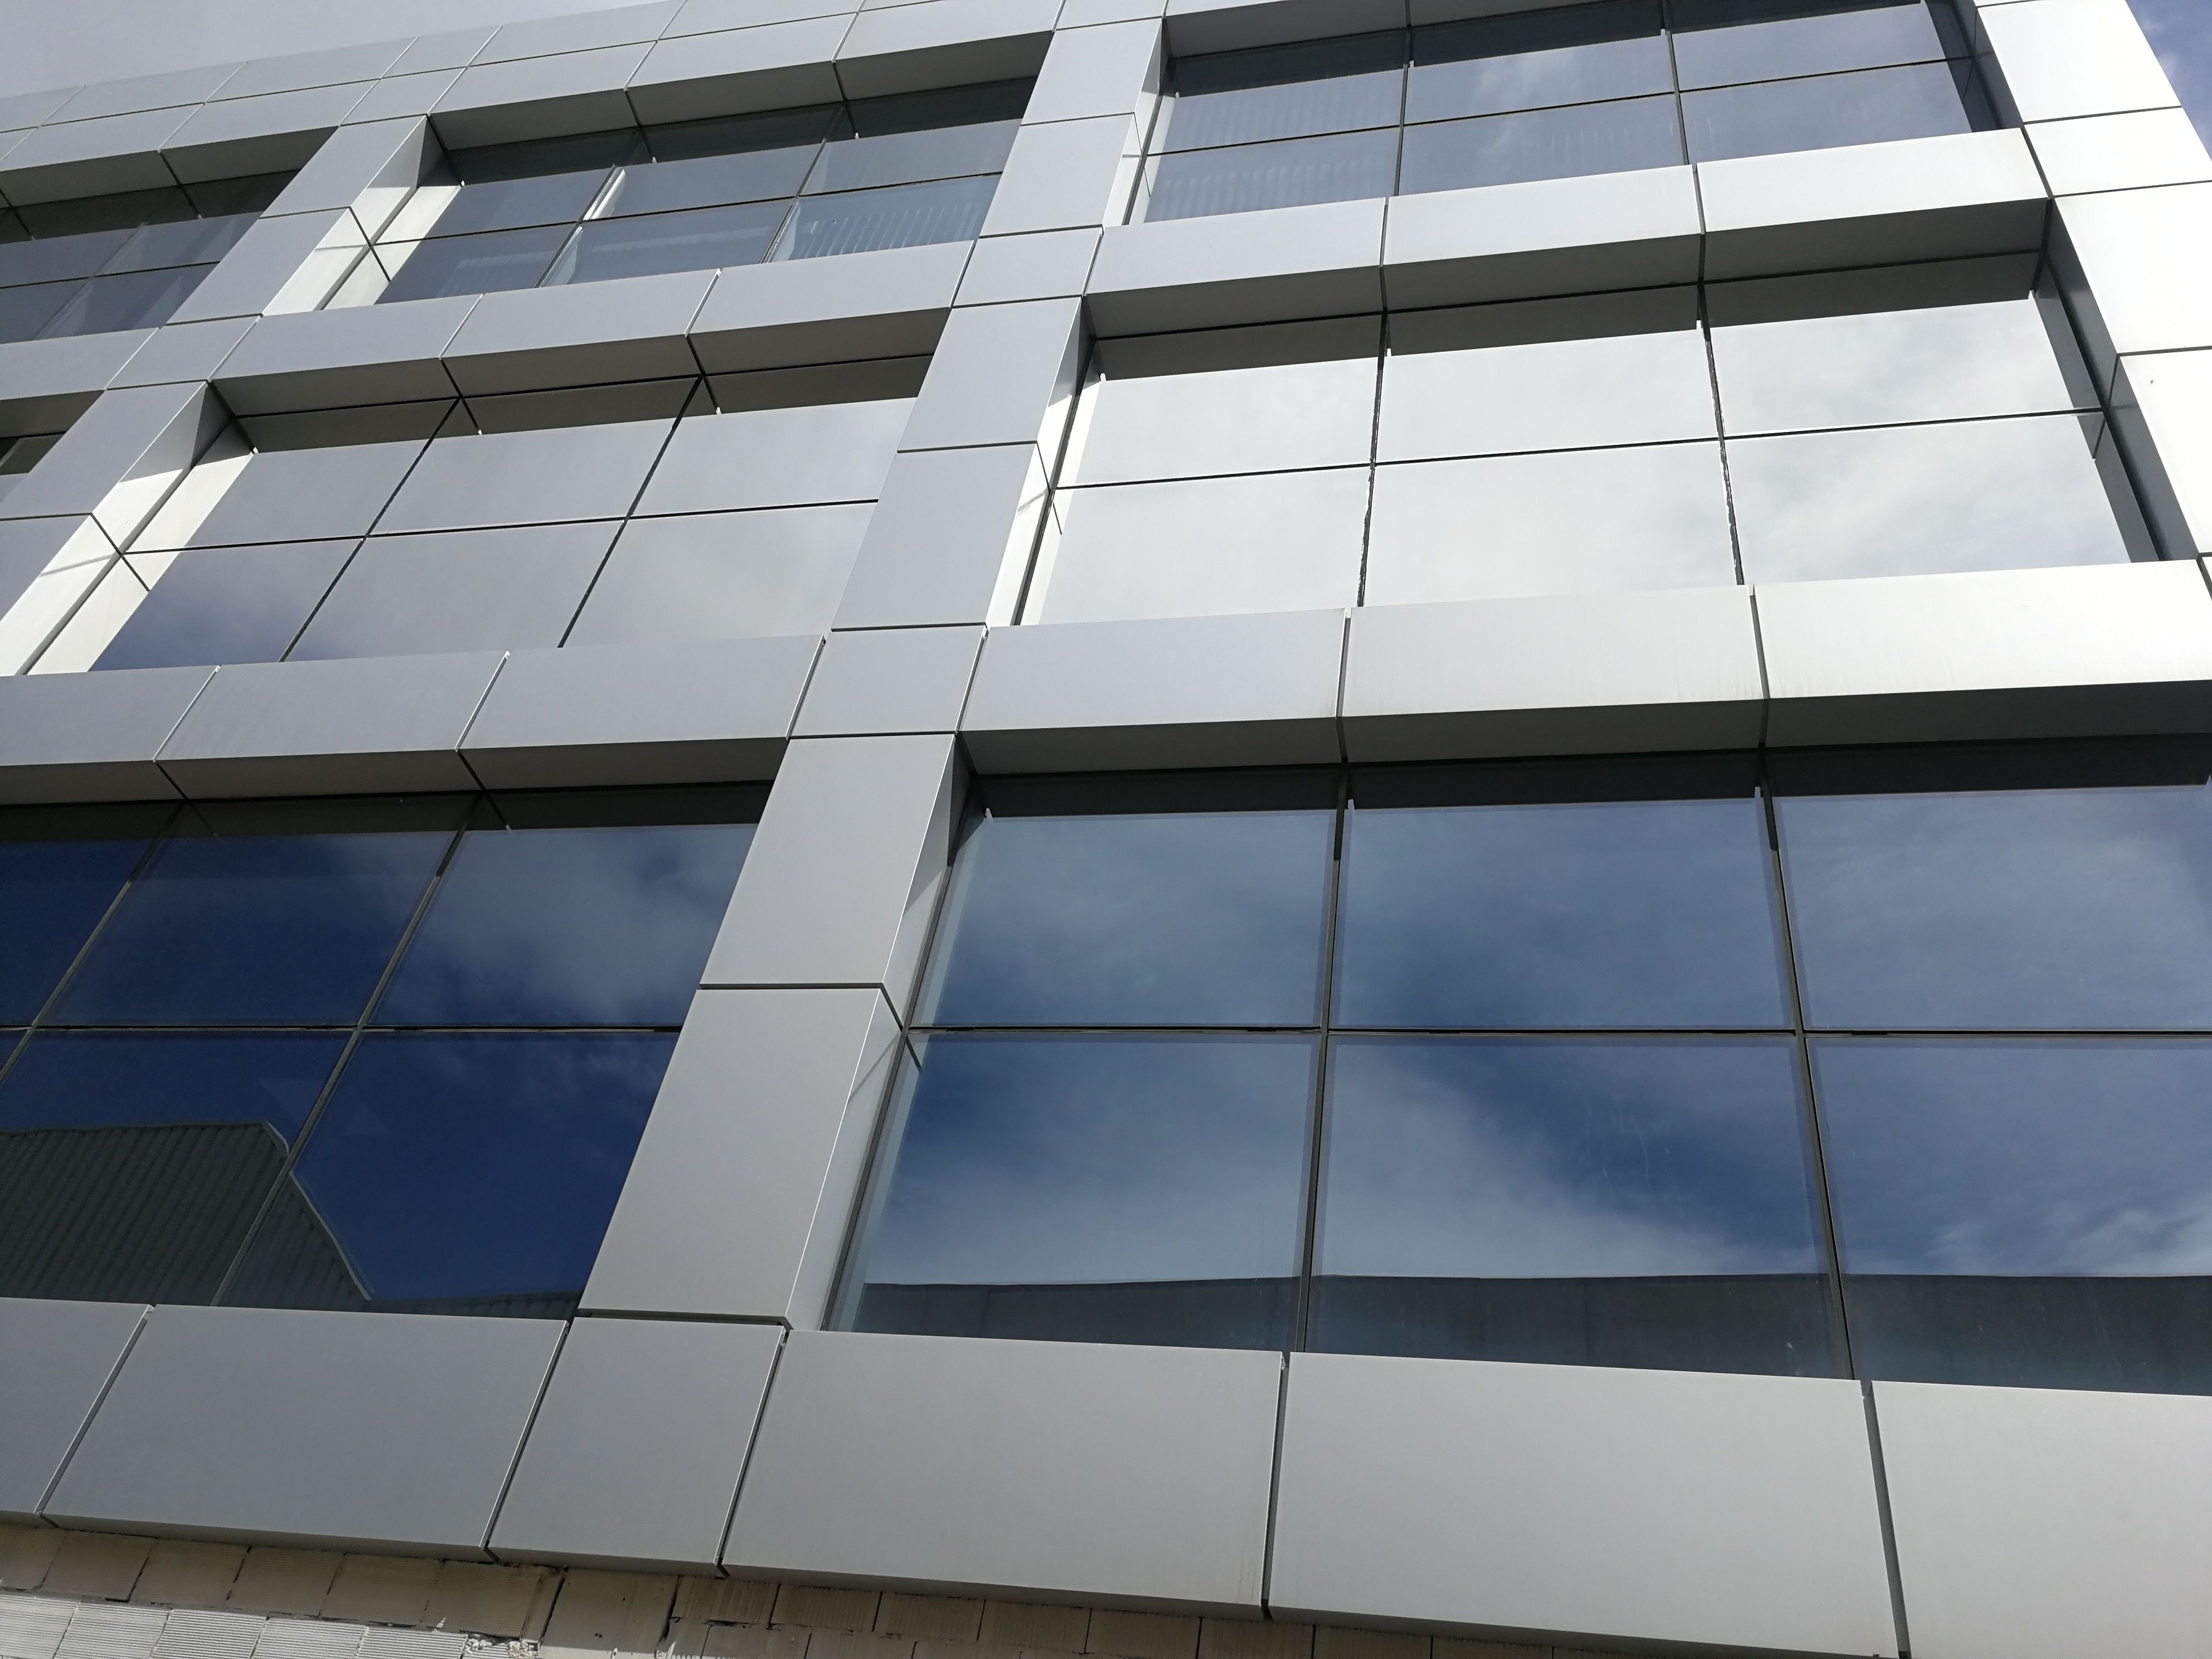 Protectores solares para ventanas de edificios